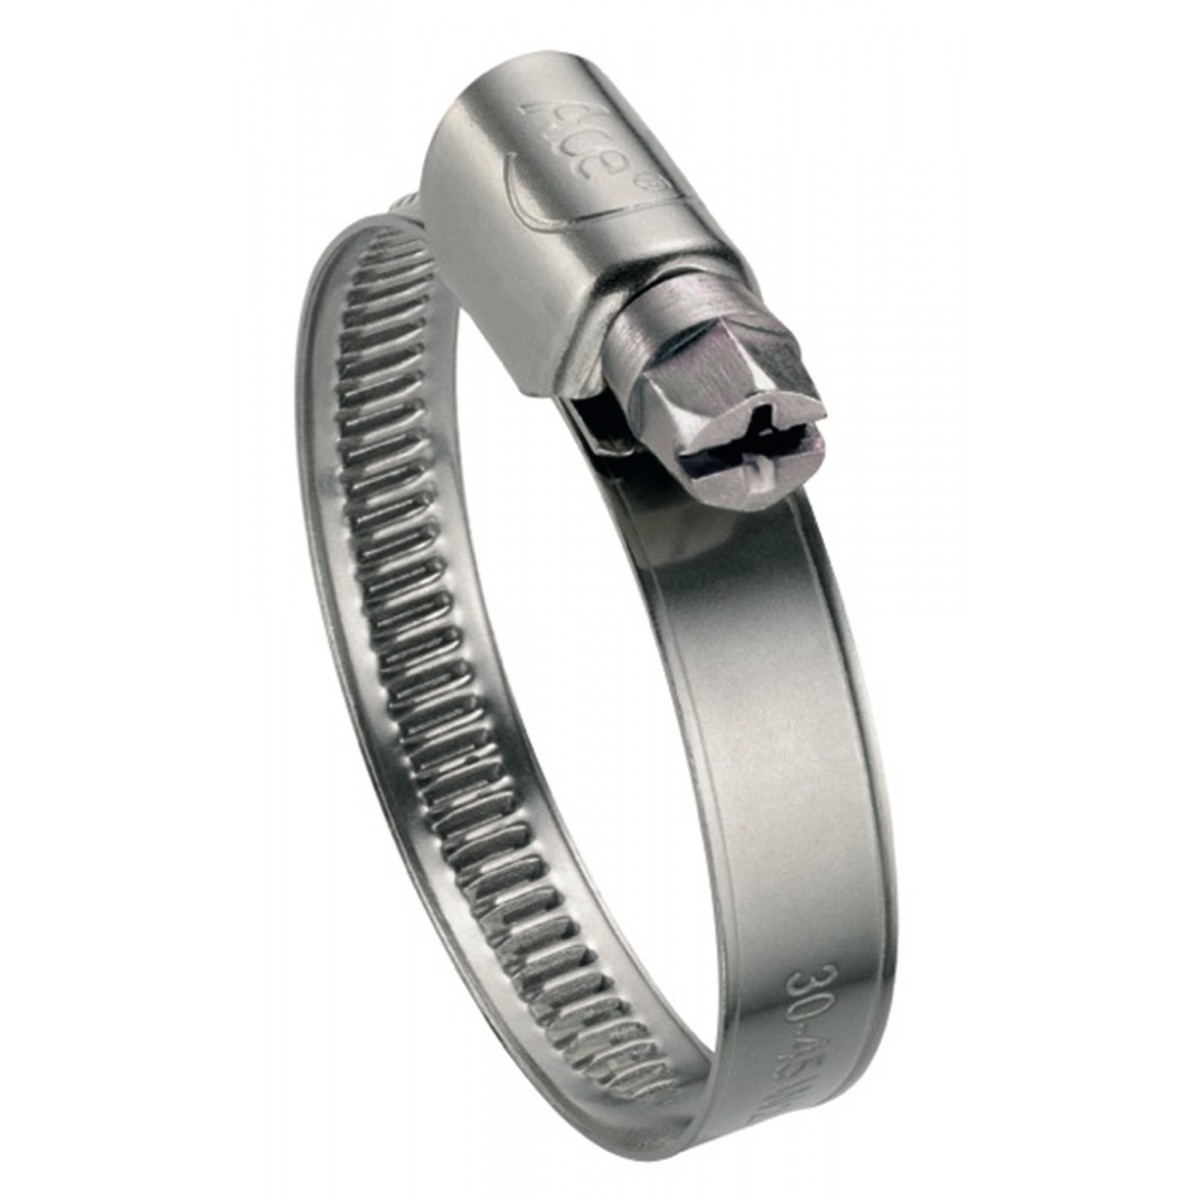 Collier bande non perforée W2 Ace - Largeur 9 mm - Diamètre 8 - 12 mm - Vendu par 50